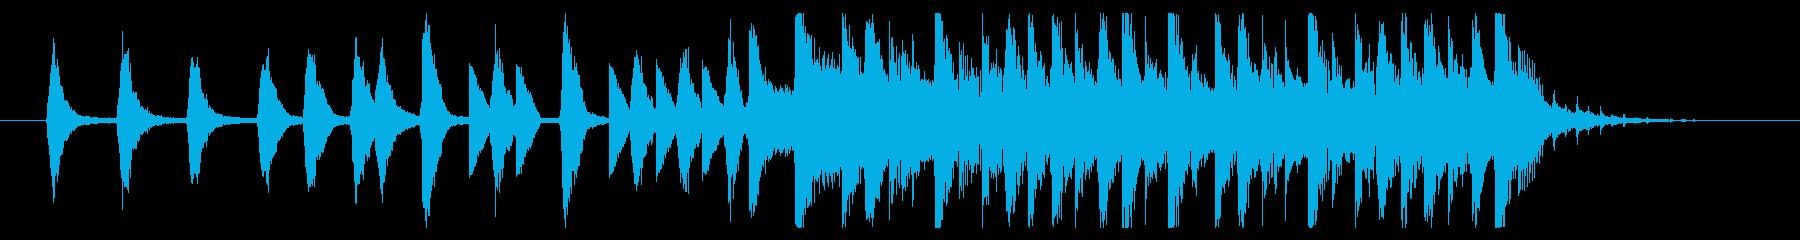 化粧品のCM風おしゃれBGM(15秒)の再生済みの波形